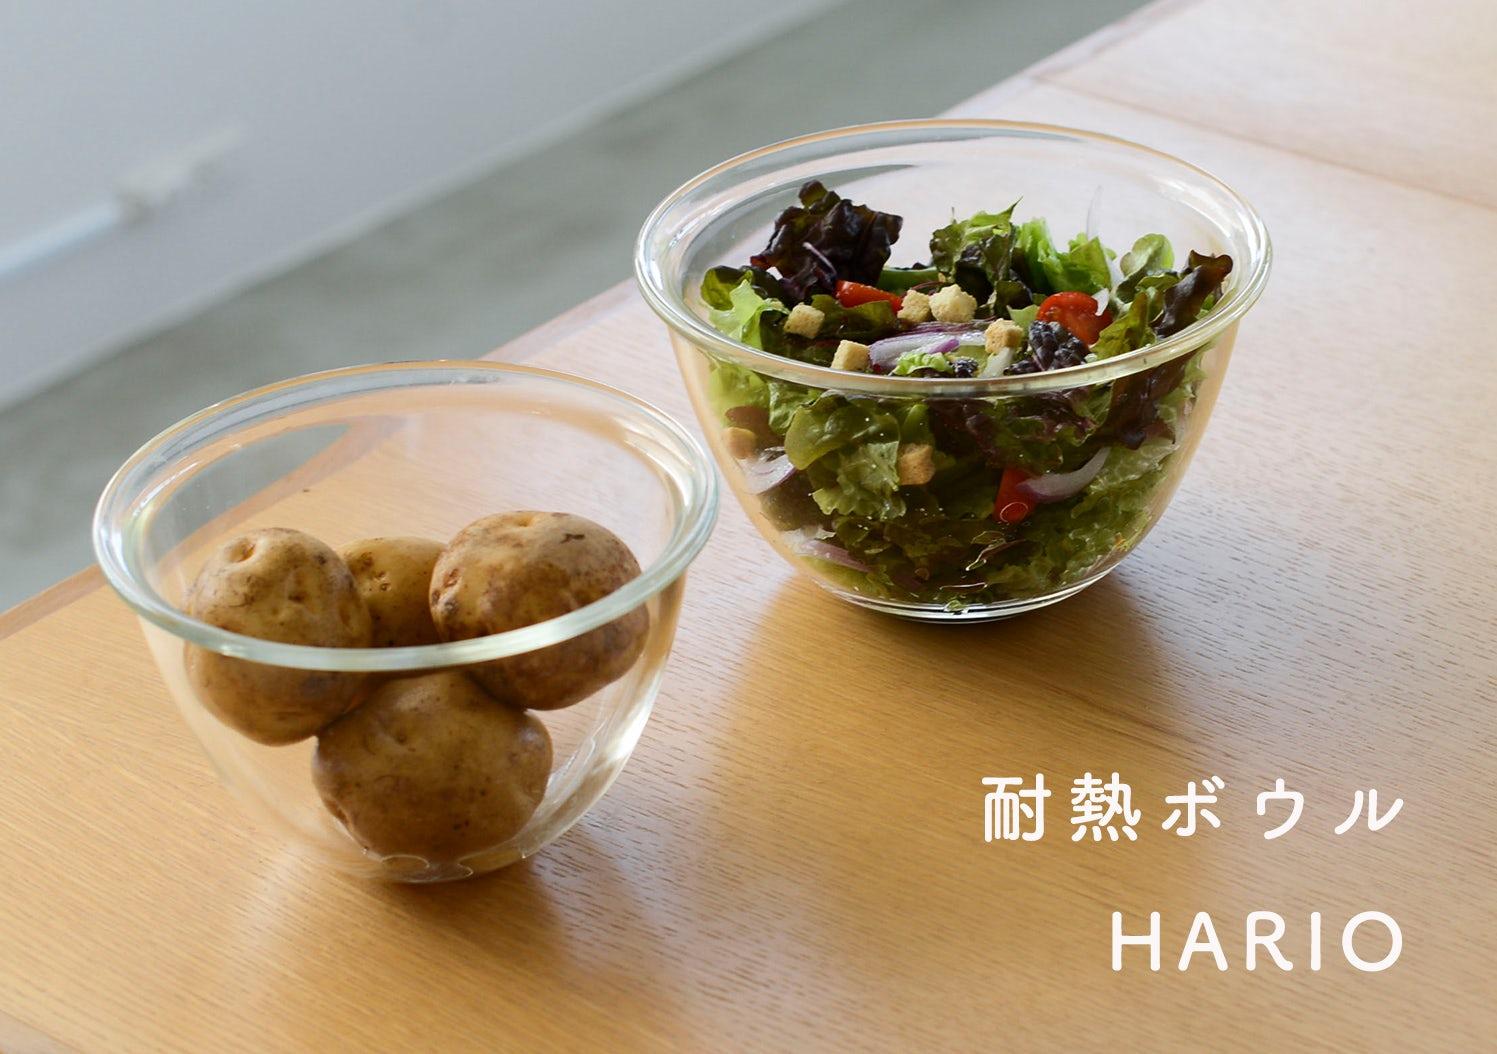 HARIO / ハリオ / 耐熱ボウル(2サイズセット)の画像